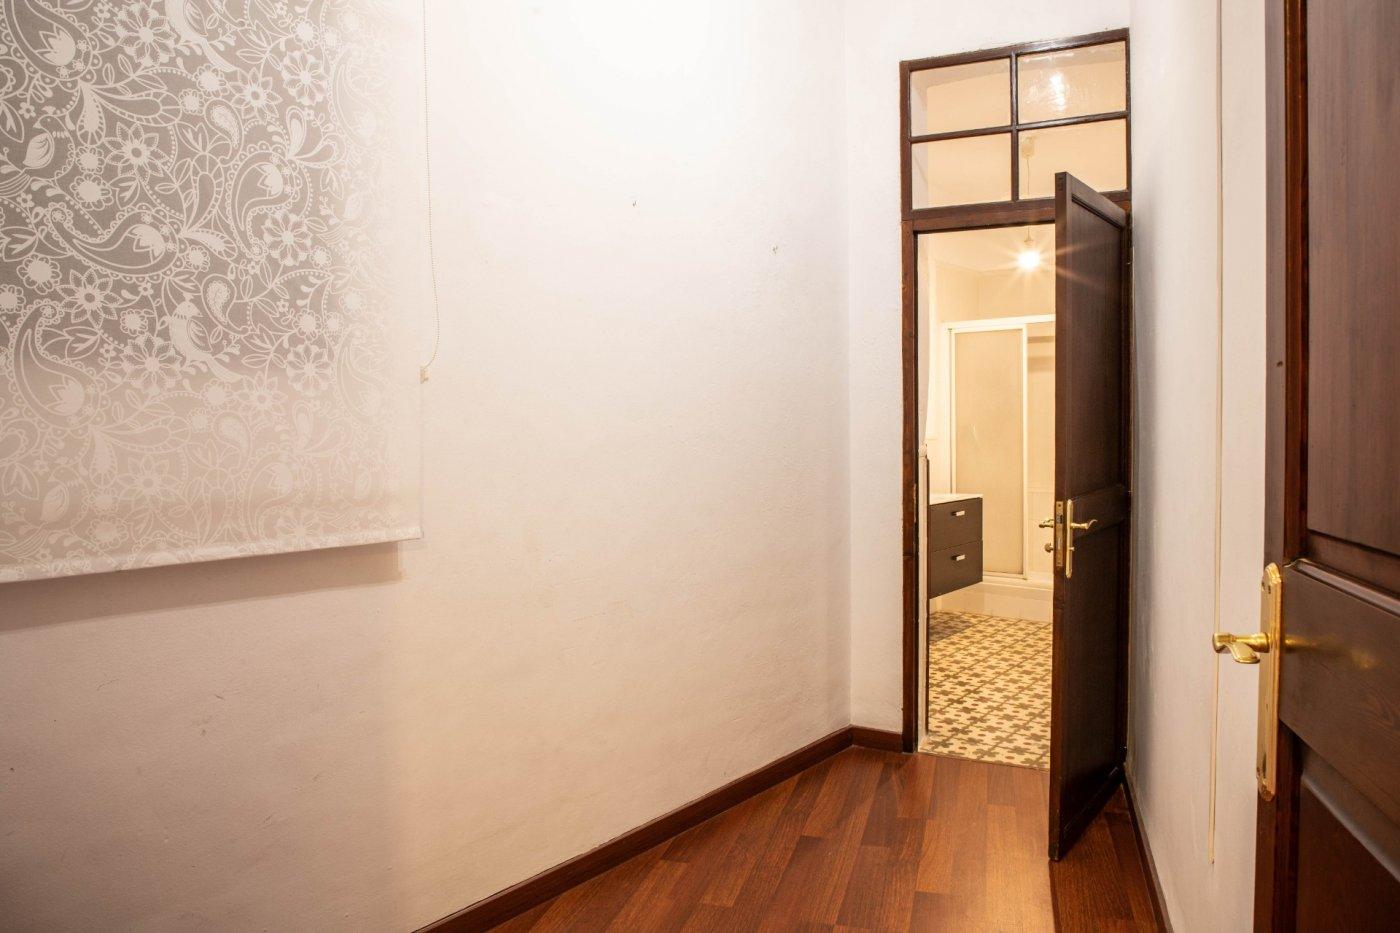 Precioso piso antiguo con mucho carácter en el centro de palma - imagenInmueble13